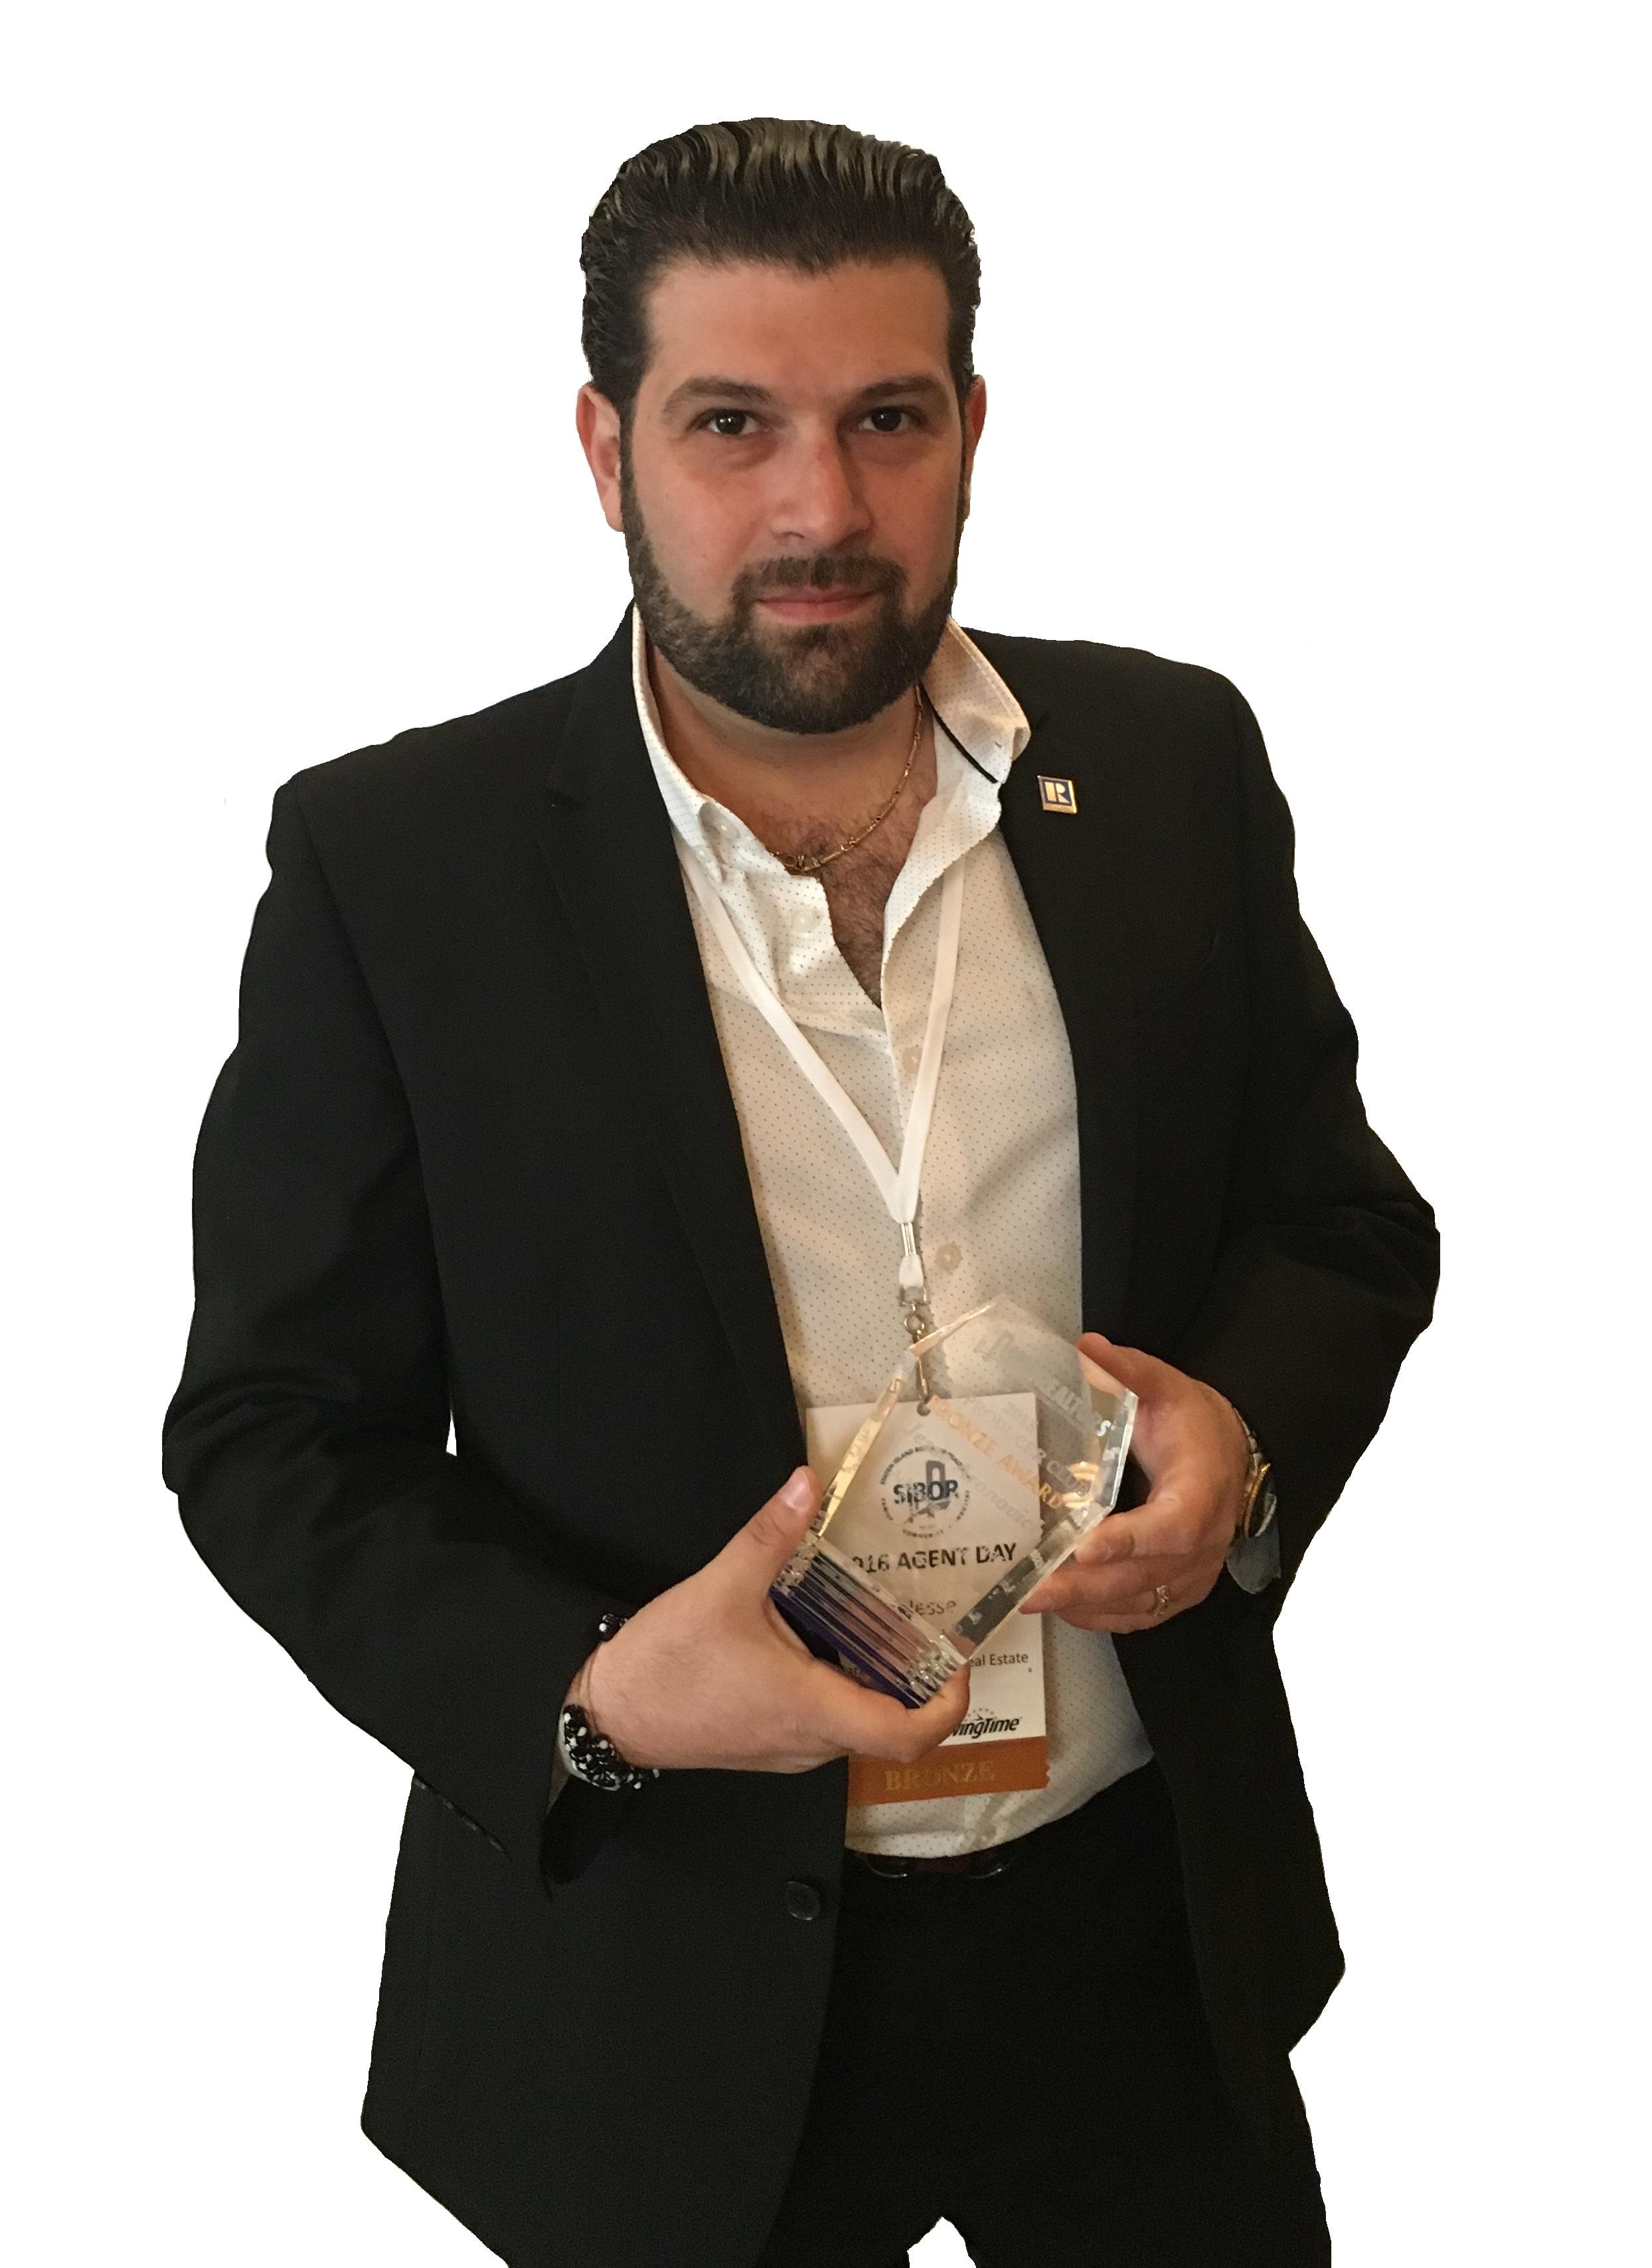 Jesse Aronovich